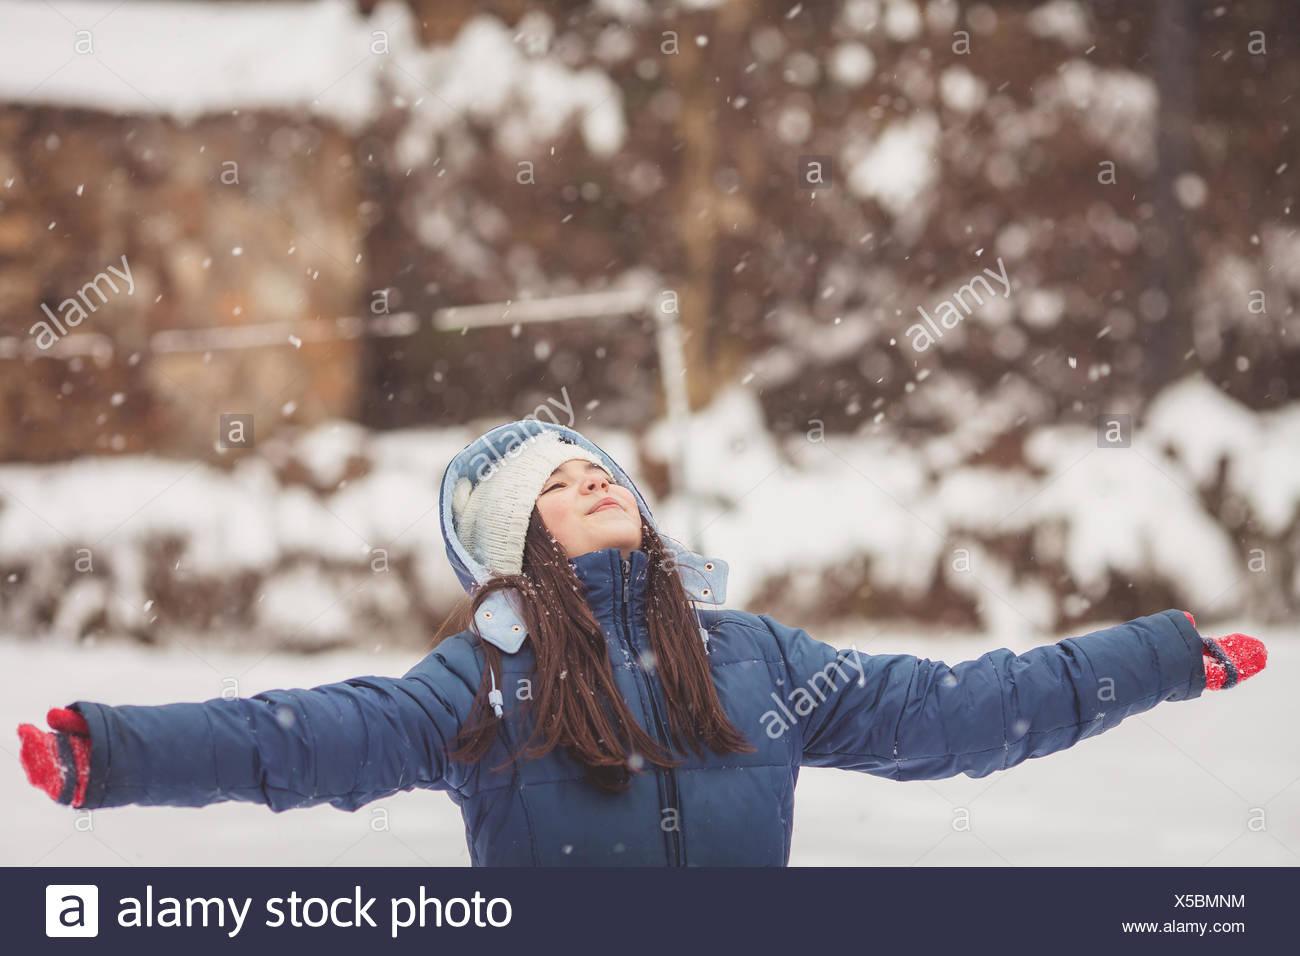 Mädchen stehen im Schnee in den Himmel mit ausgestreckten Armen Stockbild